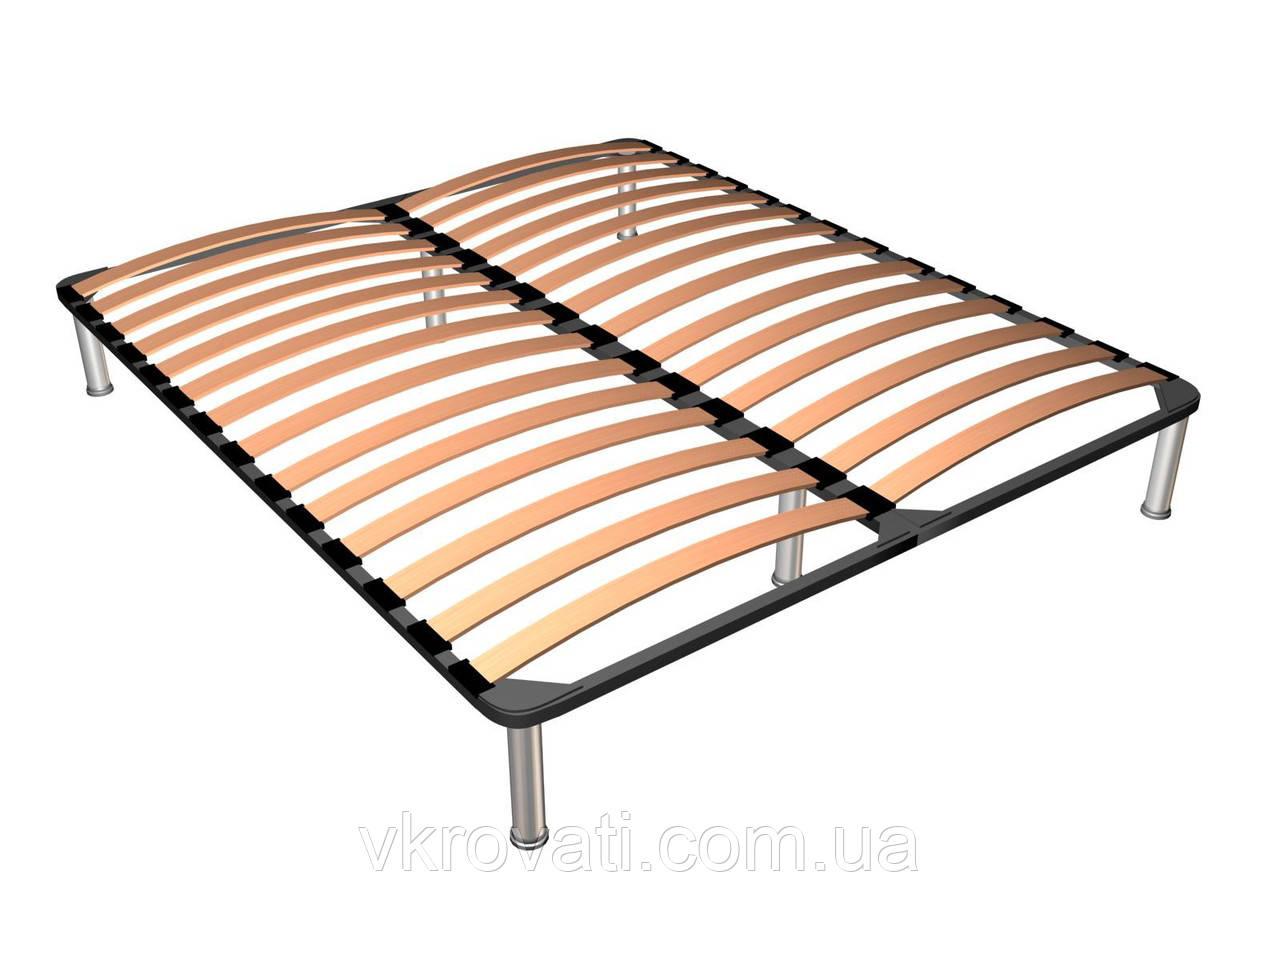 Каркас кровати 160*200 стандартный с ножками